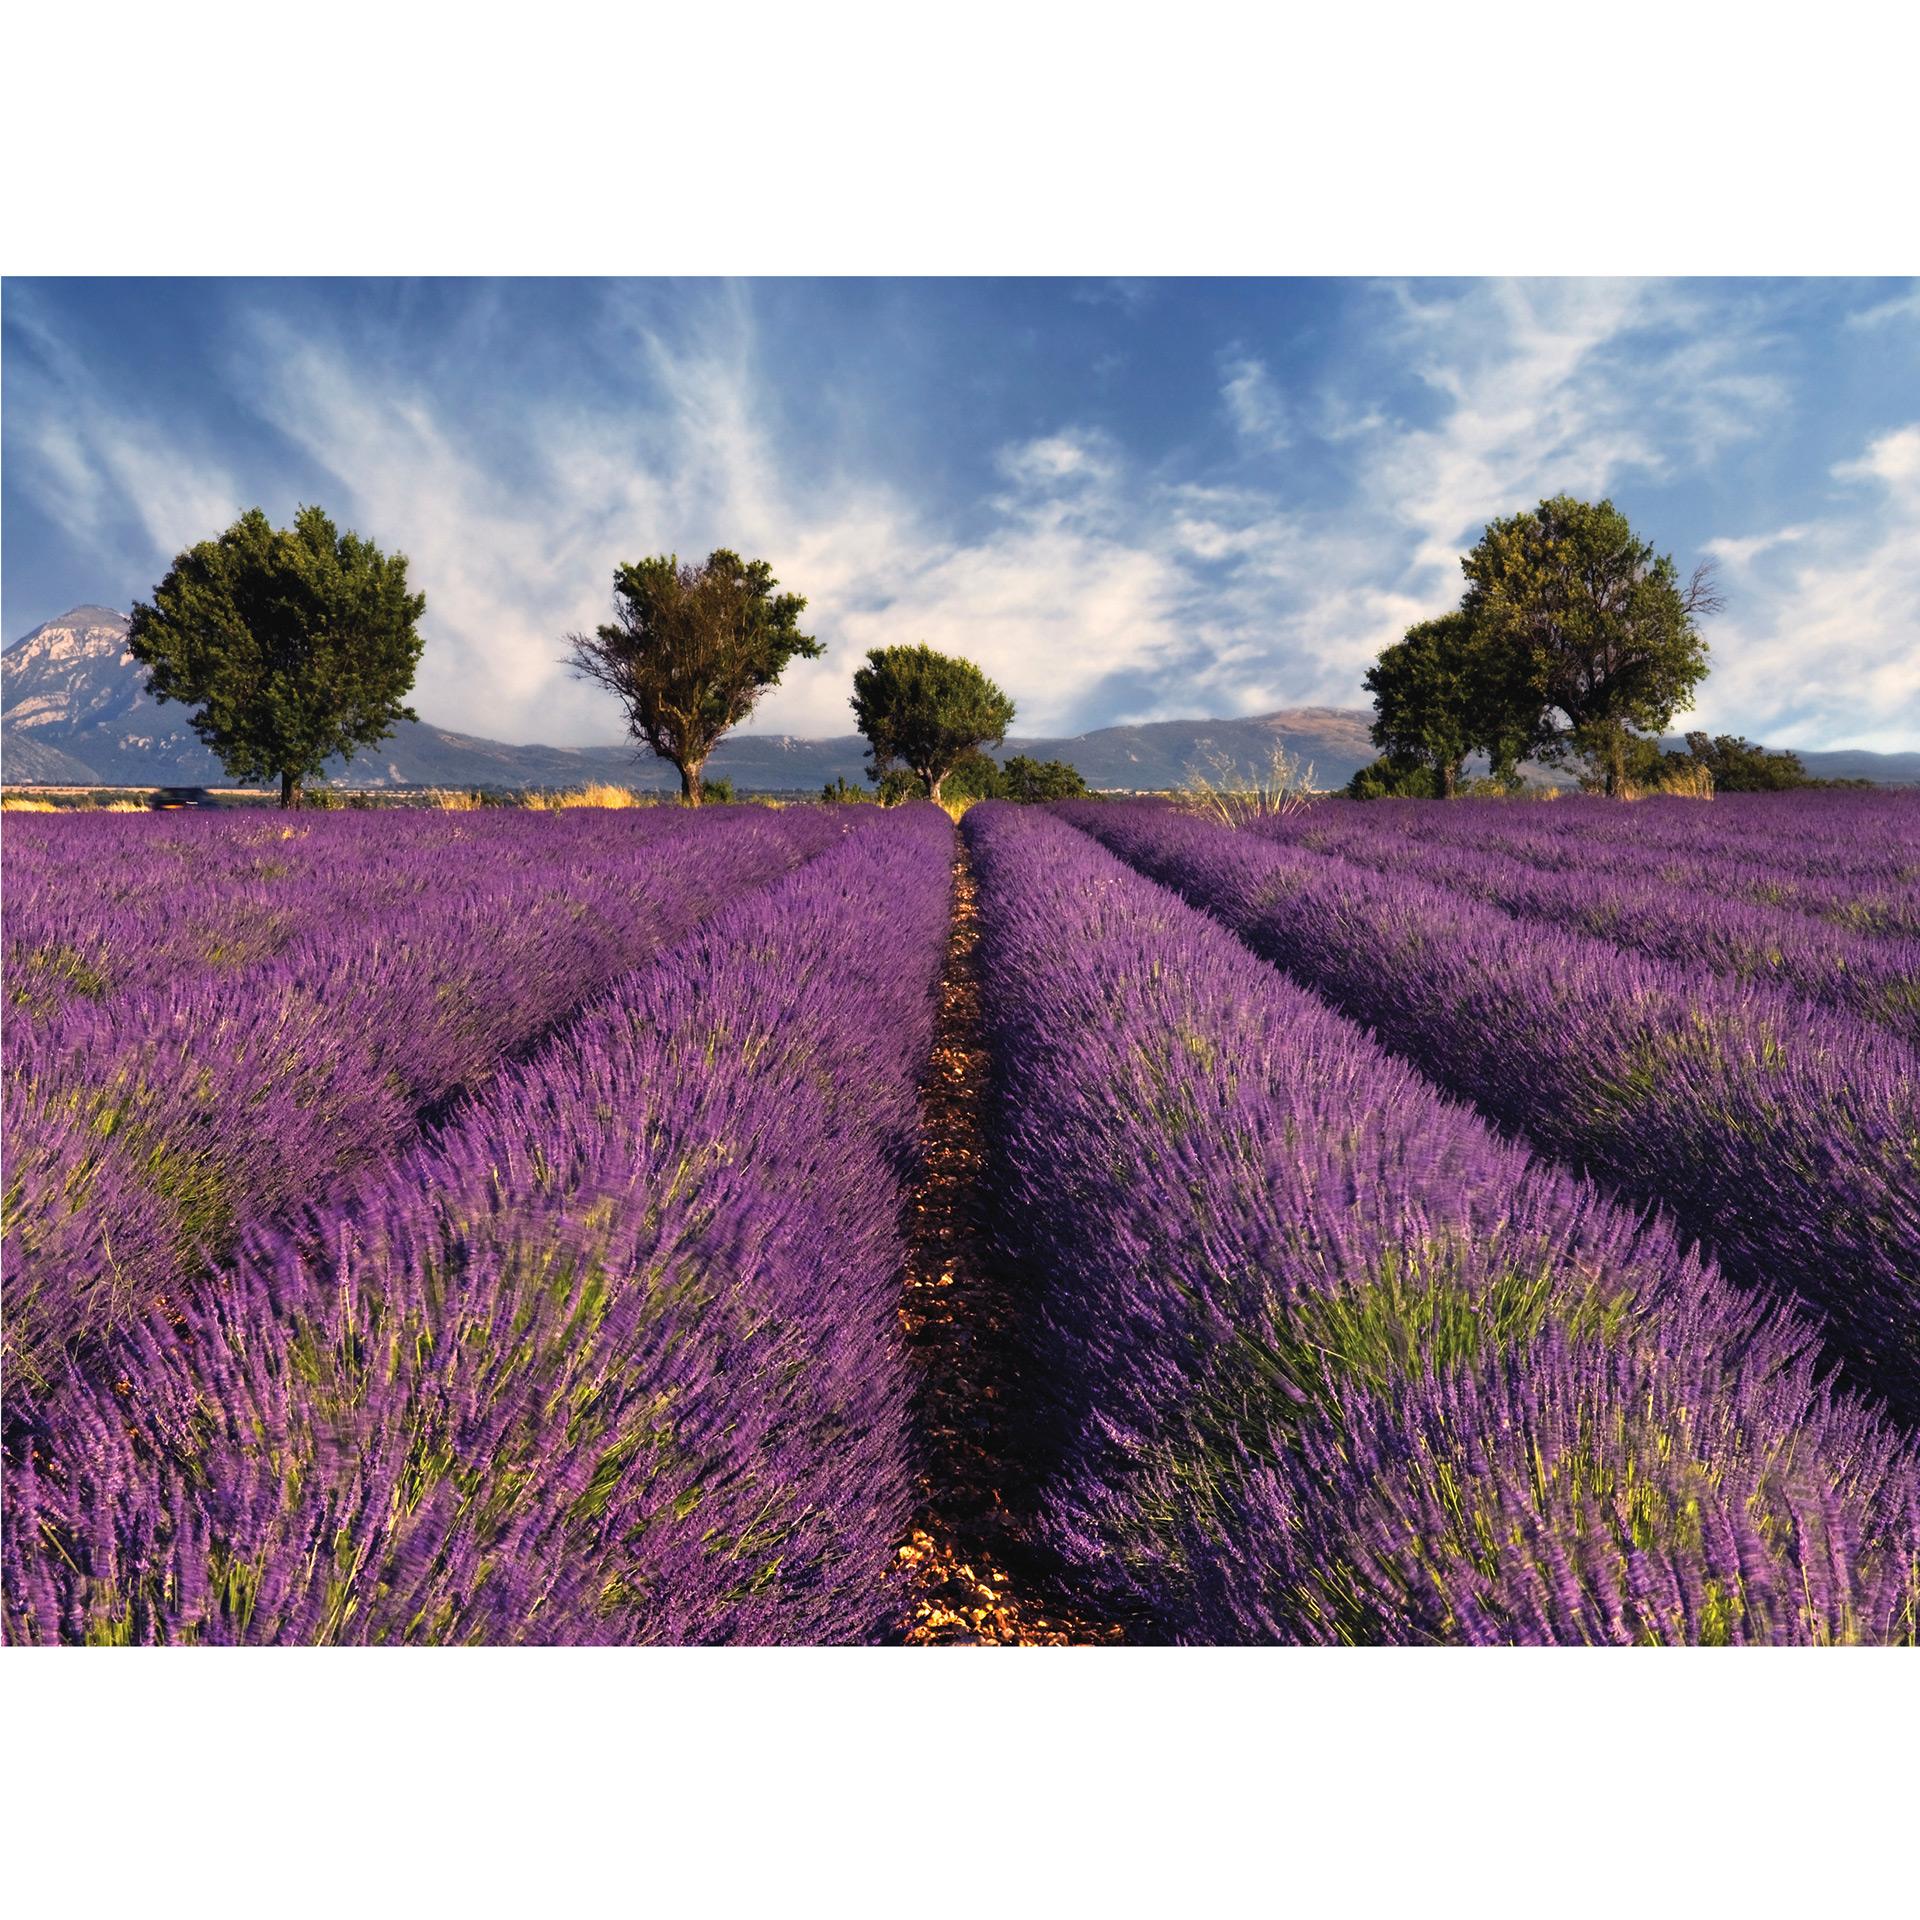 Fototapete Lavendelfeld - Landschaft in Südfrankreich | wall-art.de